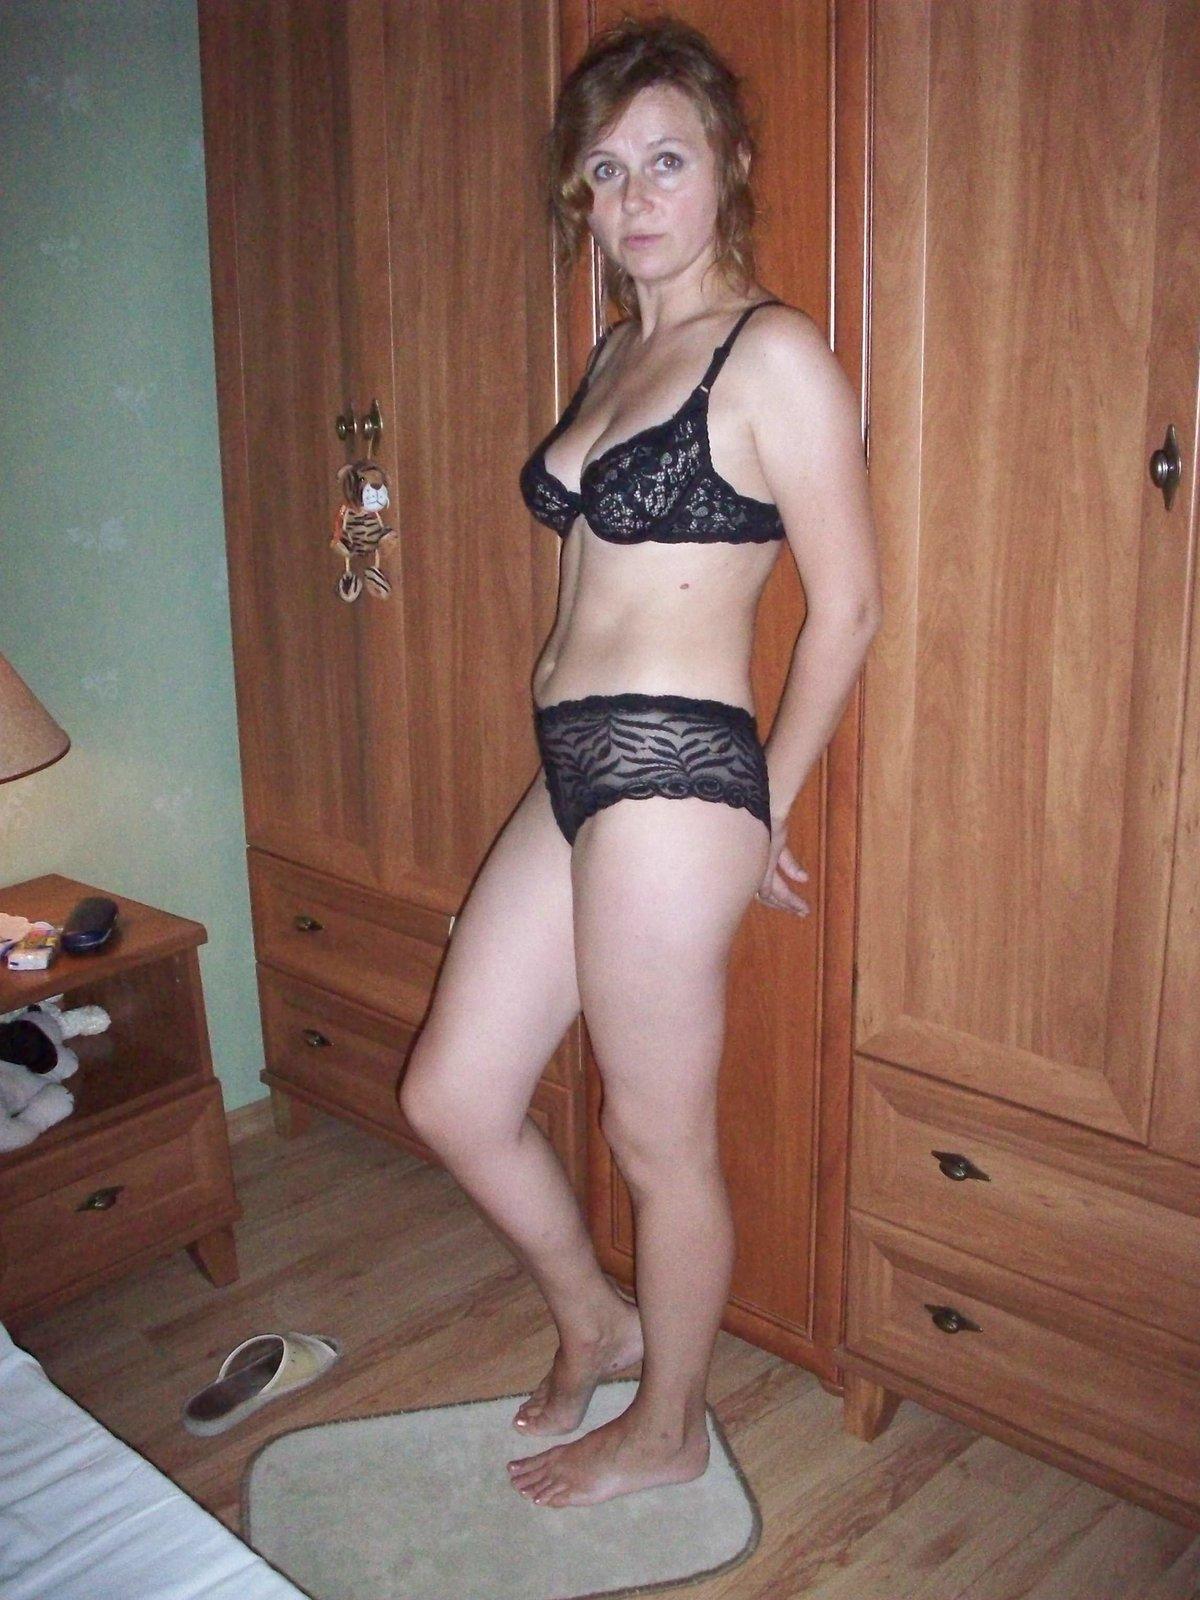 частное фото белья жены посмешище нашими уголовными